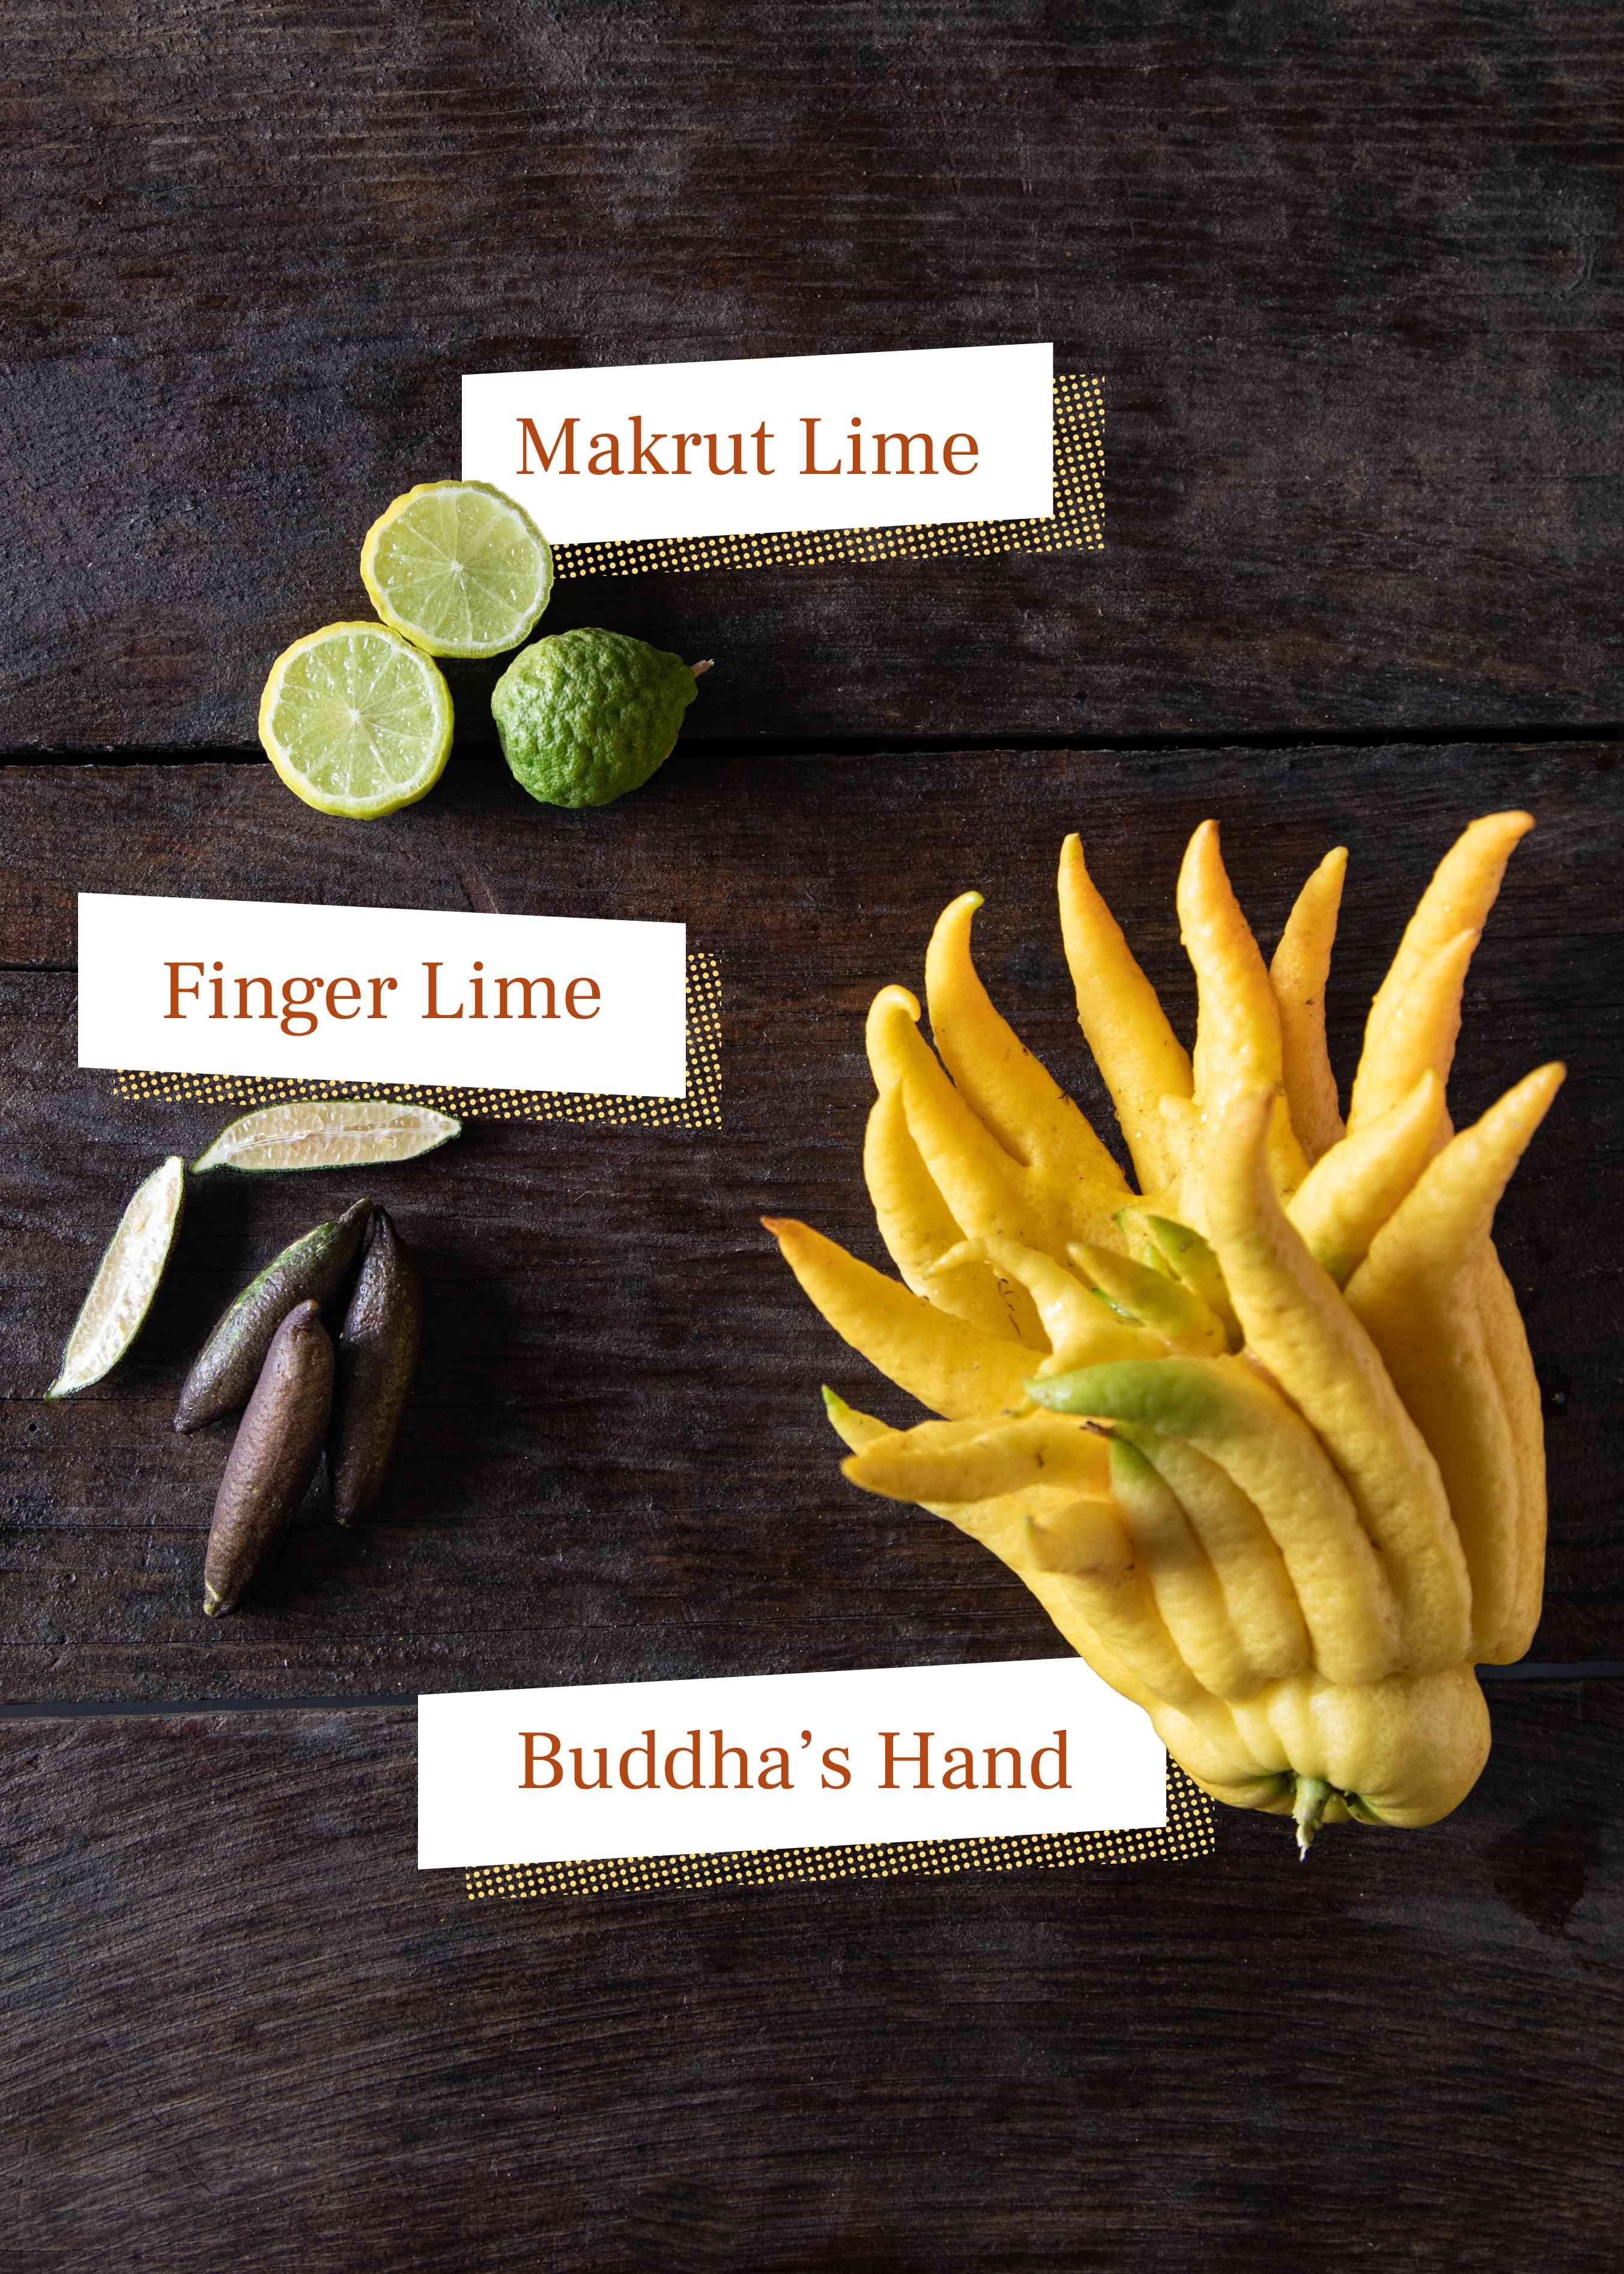 Market lime, finger lime, buddha's hand citrus on dark background